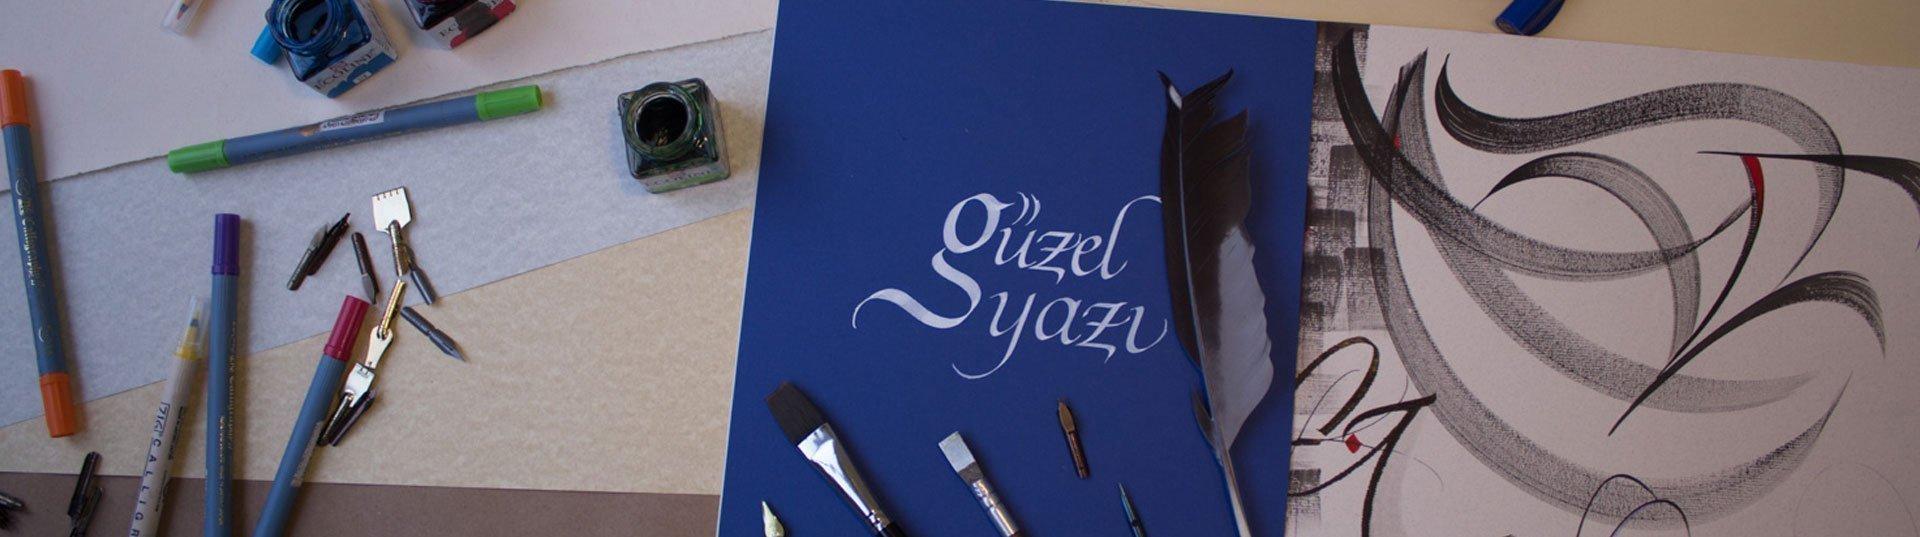 kaligrafi-kursu-davetiye-yazımı